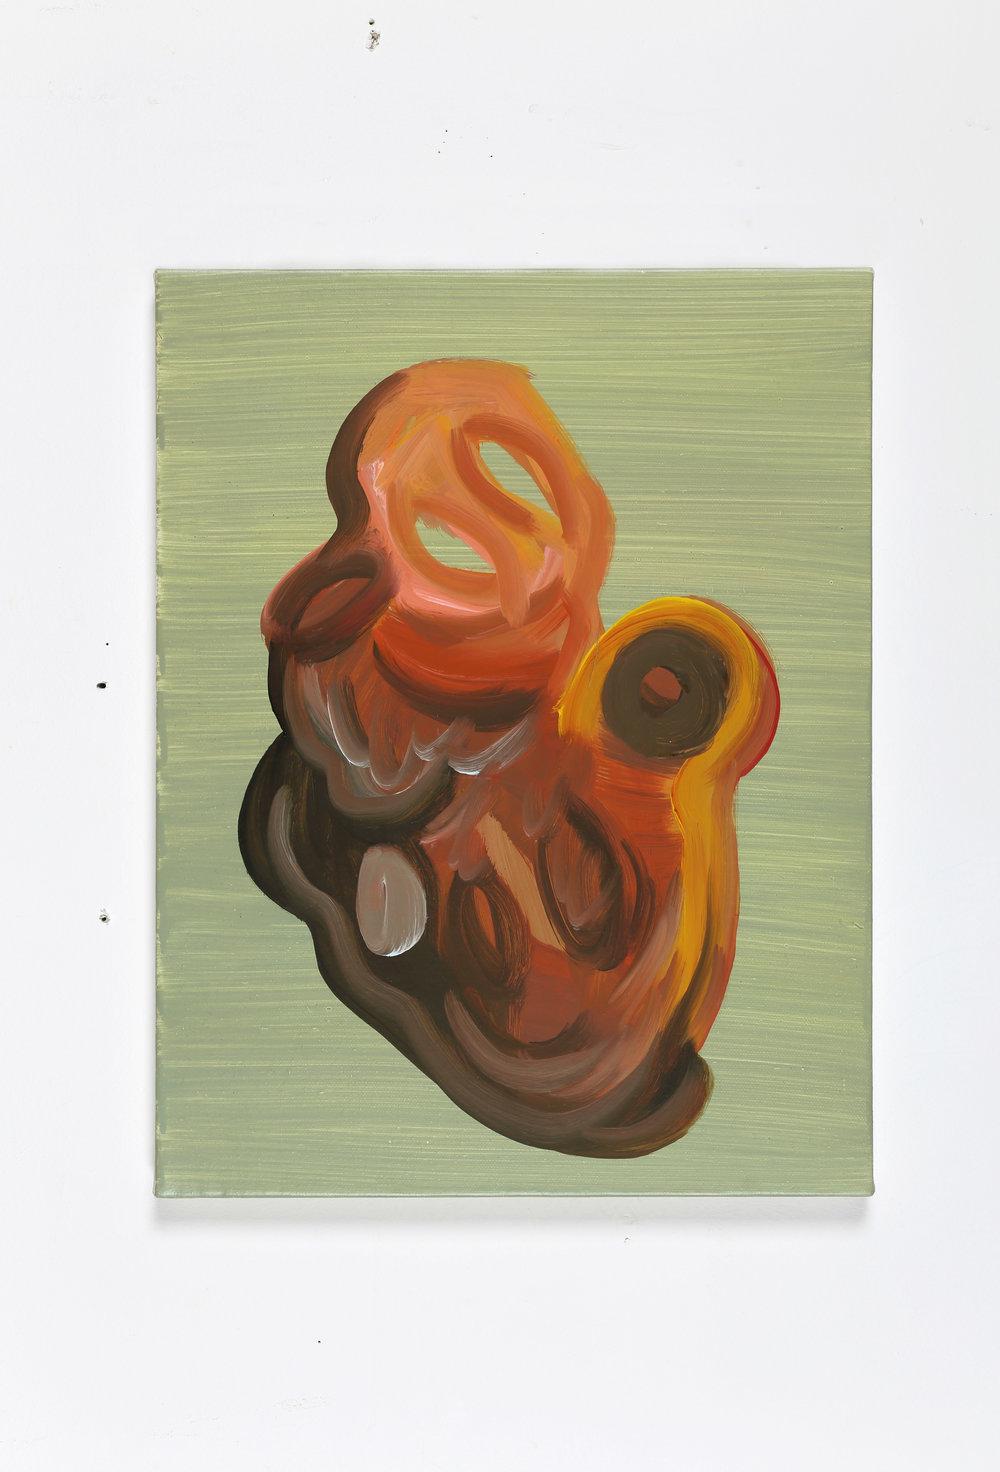 Mr. brushstroke    2018, Oil on canvas, 41x31.5cm